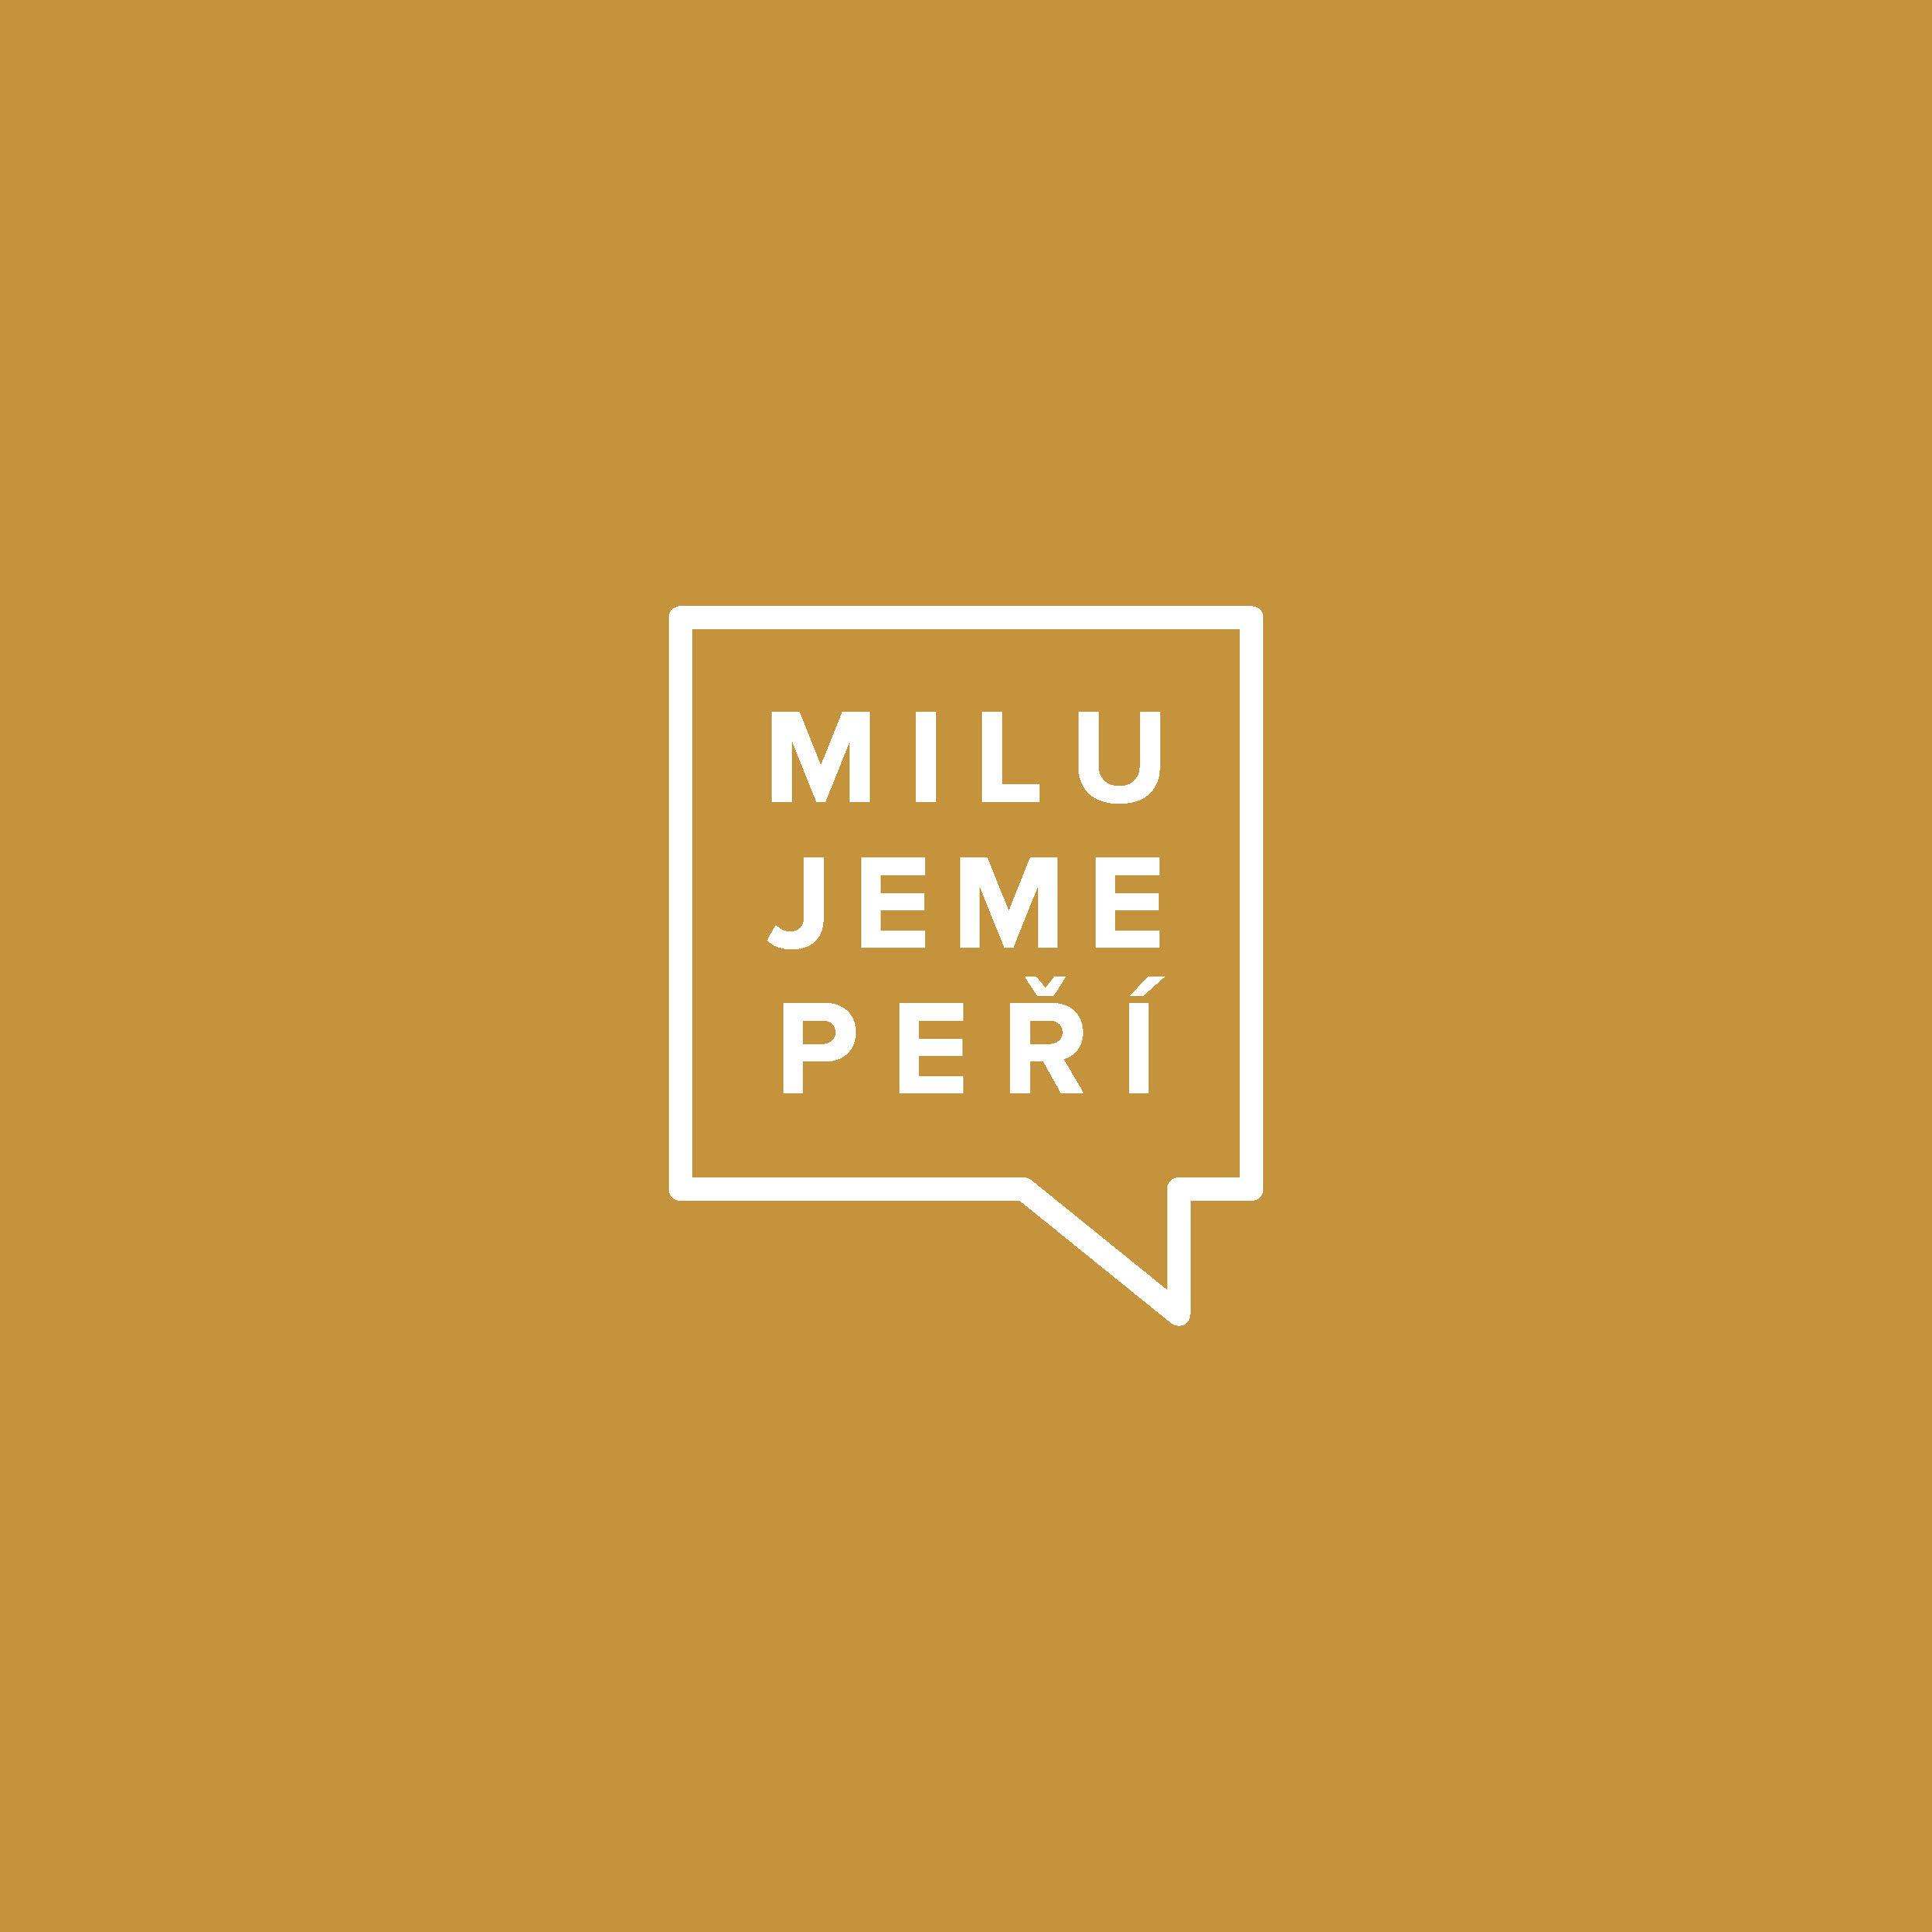 milujemeperi-logo_04